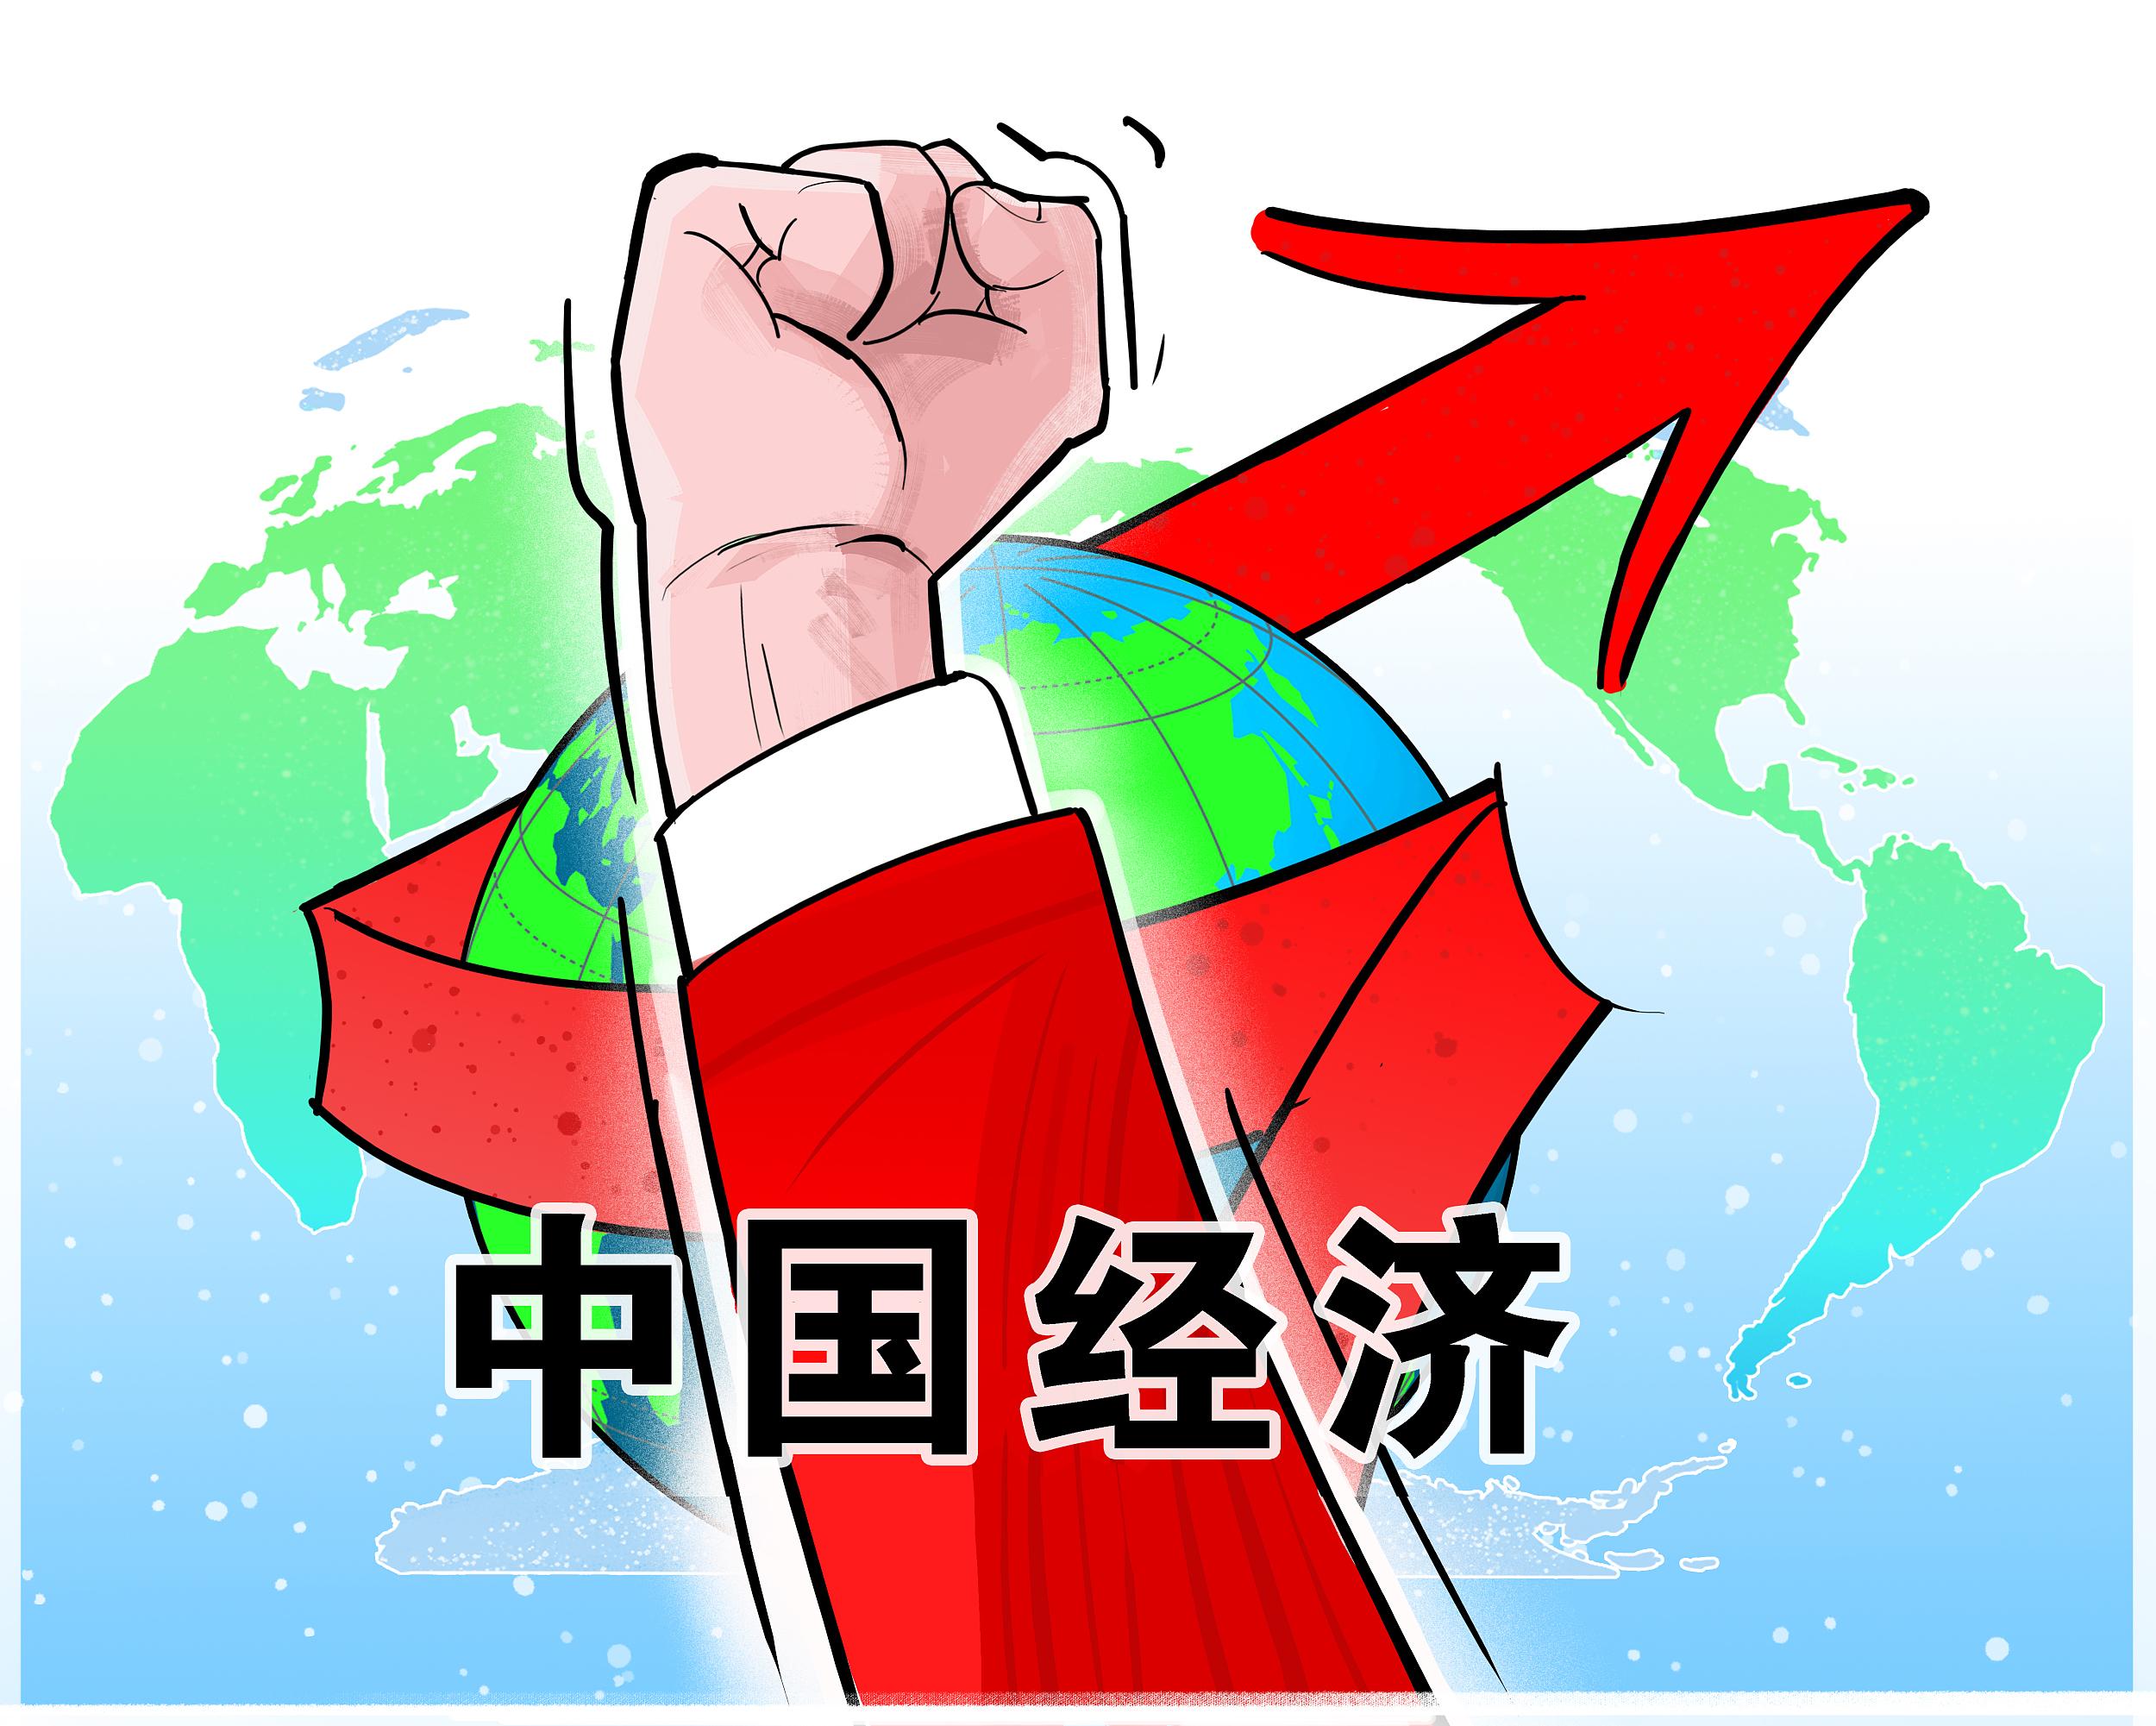 中国经济:迎难而上 破浪前行